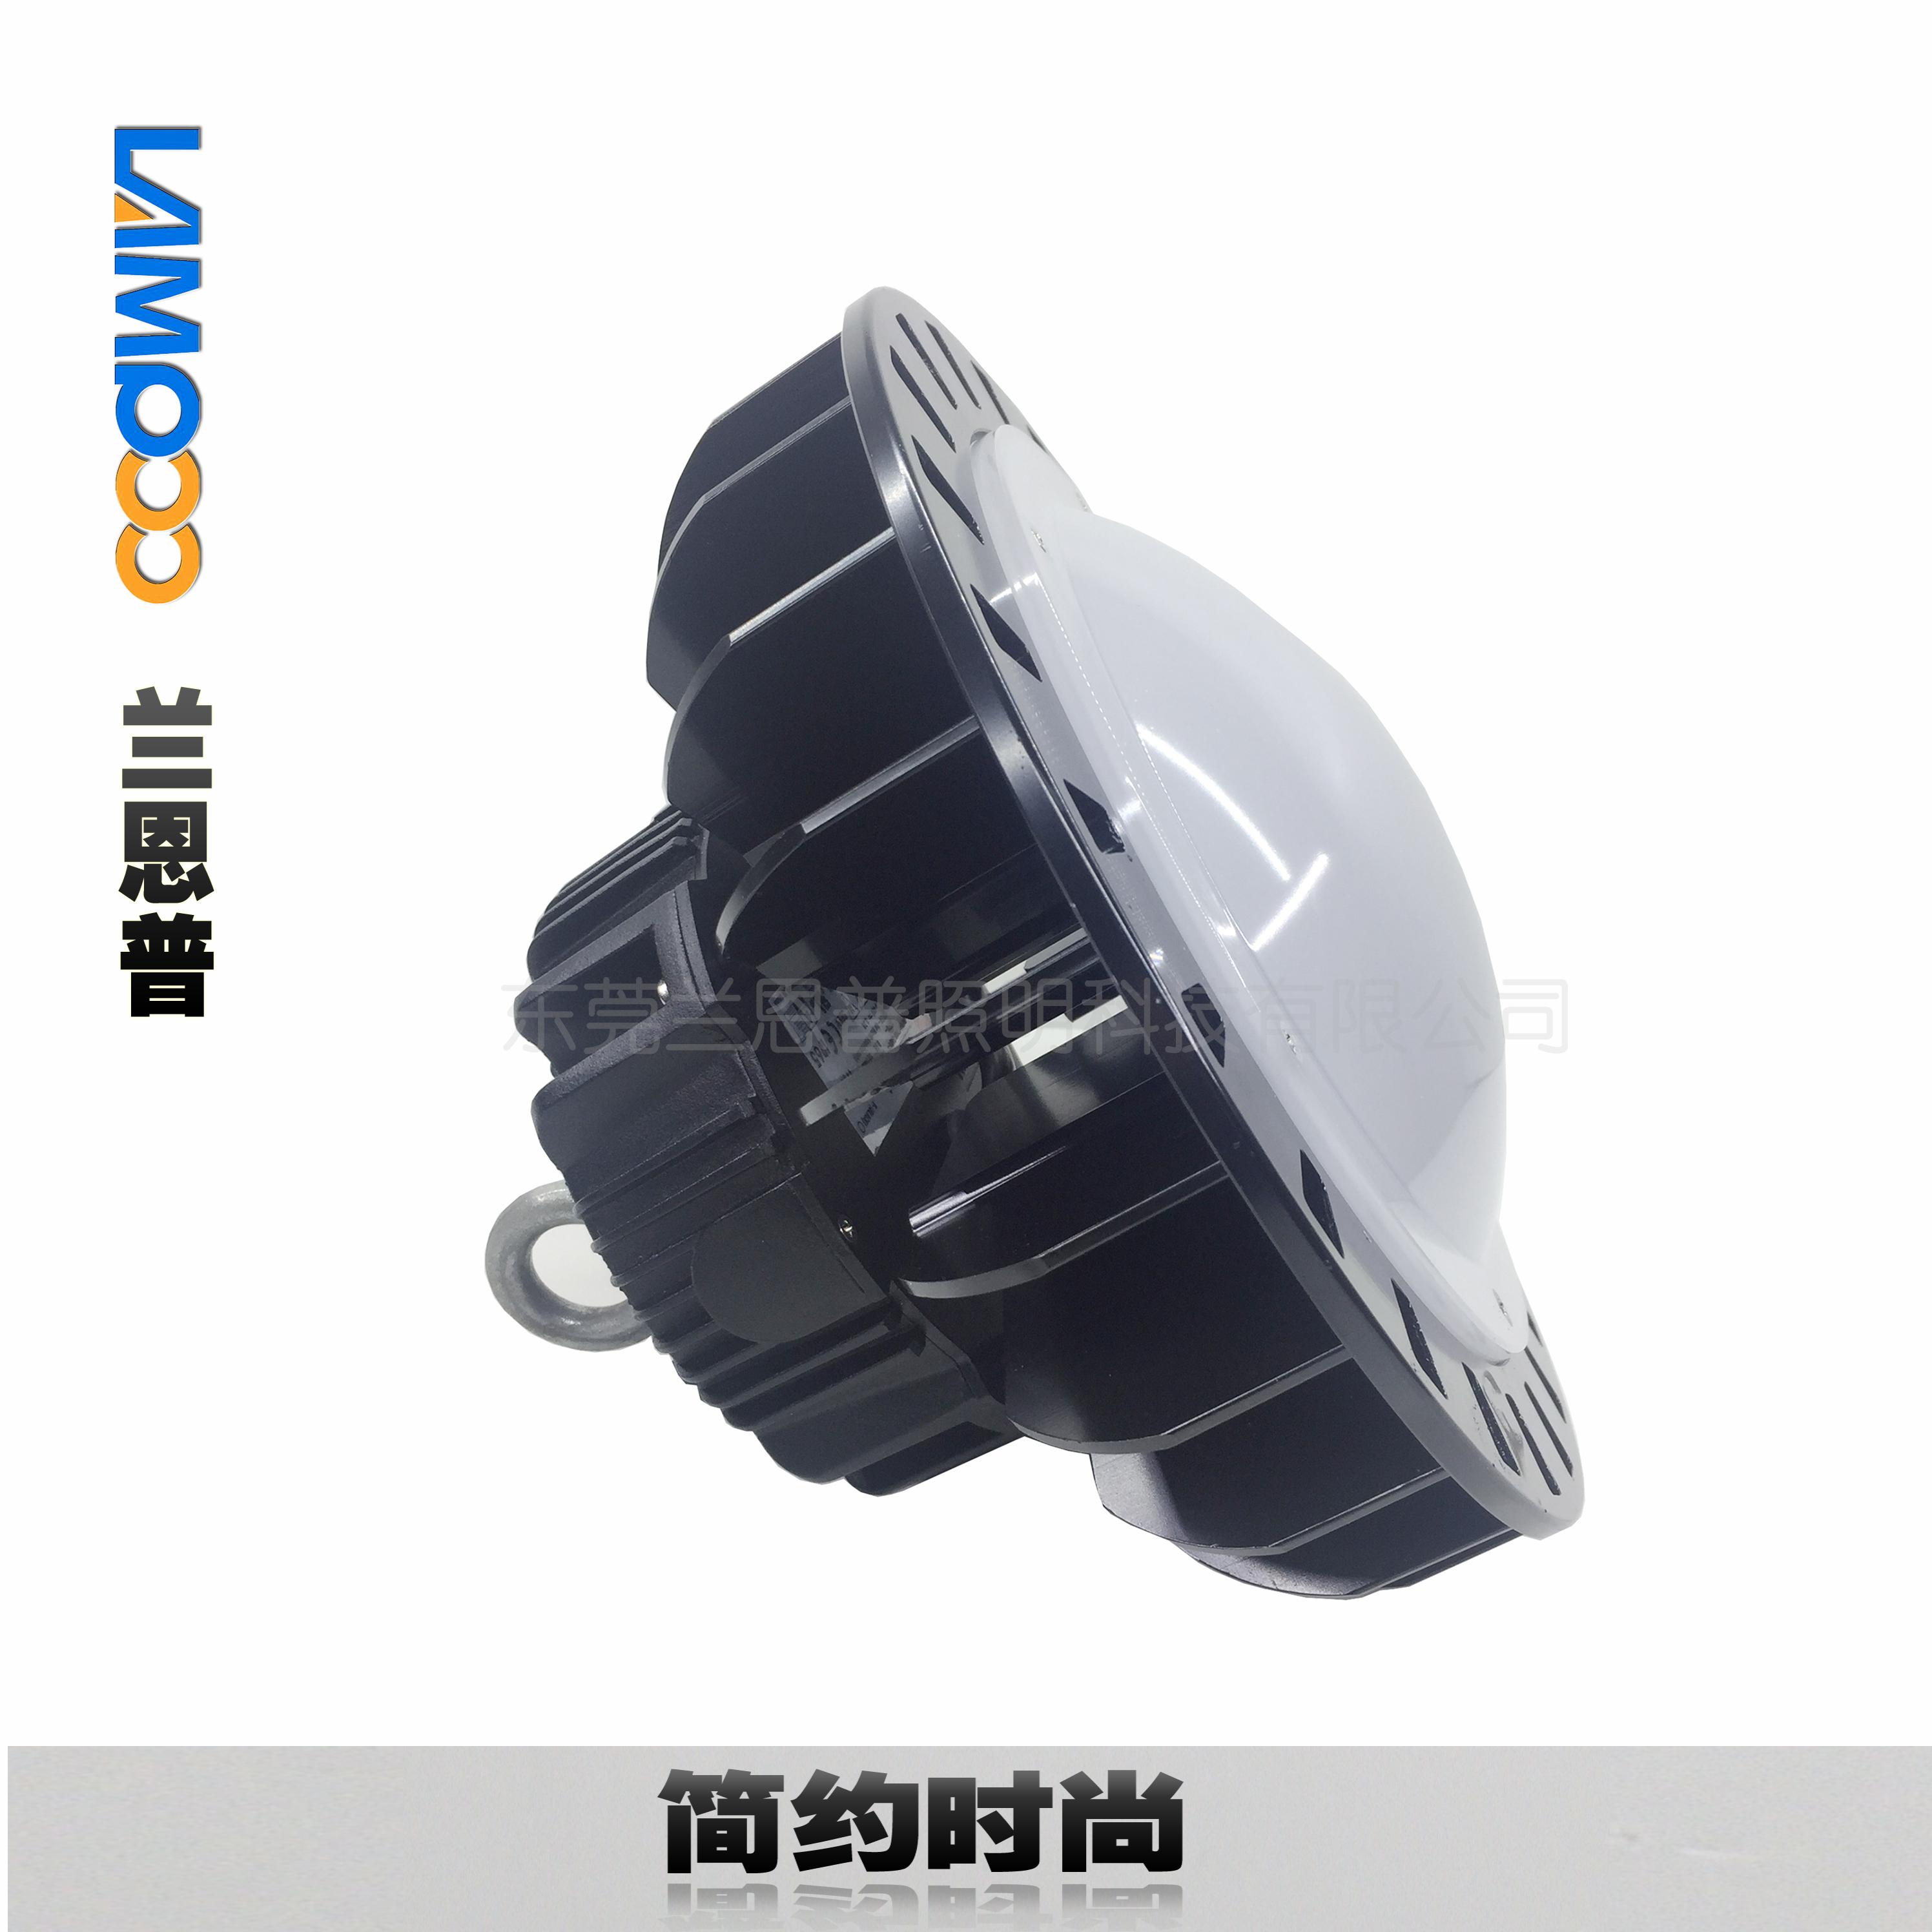 广东 LED工矿灯10W生产厂家 东莞优质厂家批发价LED工矿灯供应商批发 LED工矿灯150W LED工矿灯100W